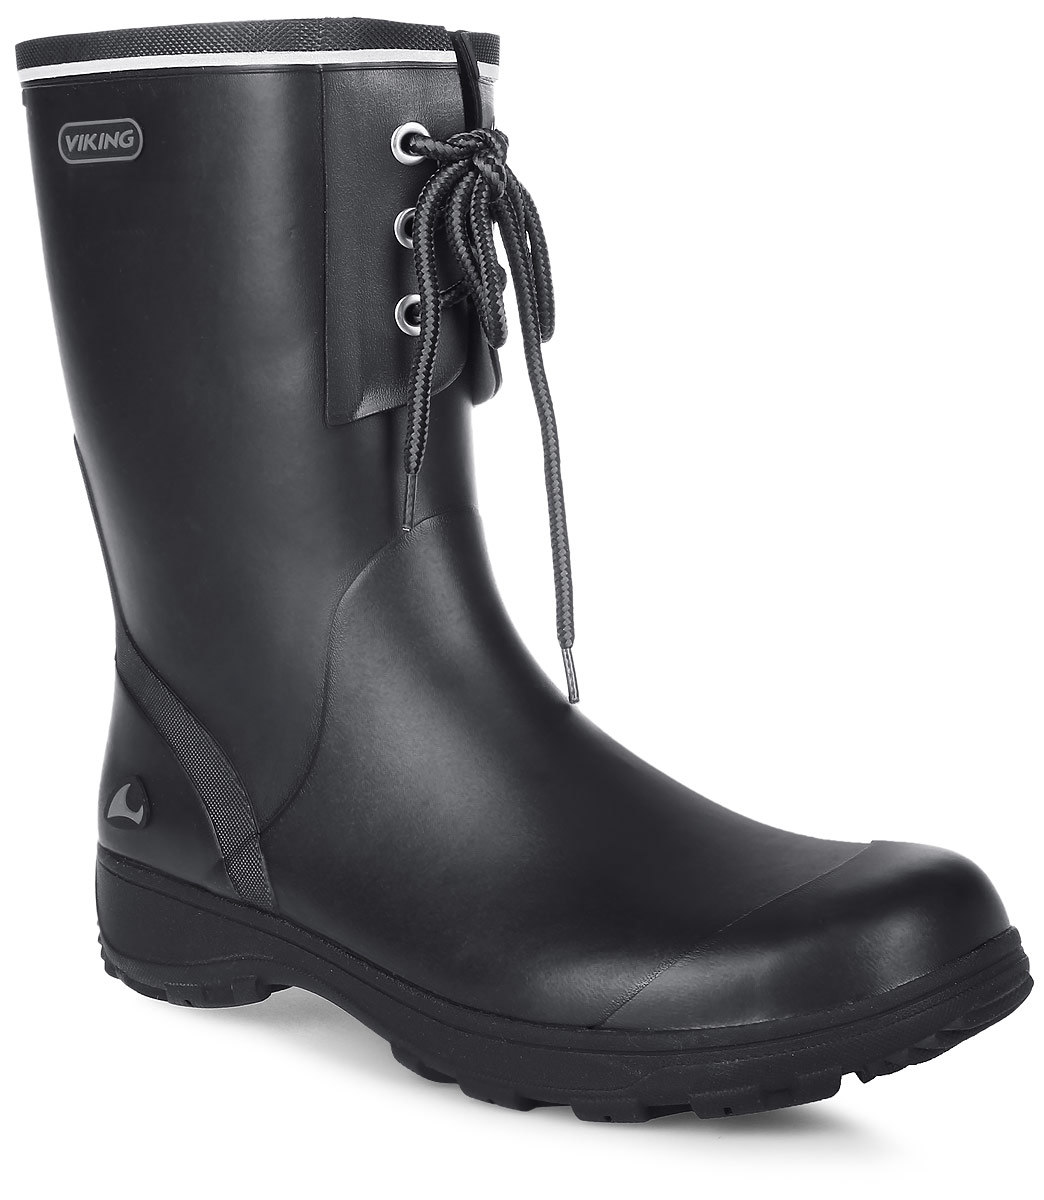 Сапоги резиновые для мальчика Viking Navigator II, цвет: черный. 1-24000-00250. Размер 371-24000-00250Модные резиновые сапоги от Viking - идеальная обувь в дождливую погоду для вашего мальчика. Модель с противоударным носком спереди оформлена декоративной шнуровкой. Внутренняя поверхность и стелька, выполненные из синтетического материала со скрученными волокнами, способствующими поддержанию тепла, комфортны при ходьбе. Светоотражающая полоска увеличивает безопасность вашего ребенка в темное время суток. Подошва с протектором гарантирует отличное сцепление с любой поверхностью. Резиновые сапоги - необходимая вещь в гардеробе каждого мальчика.